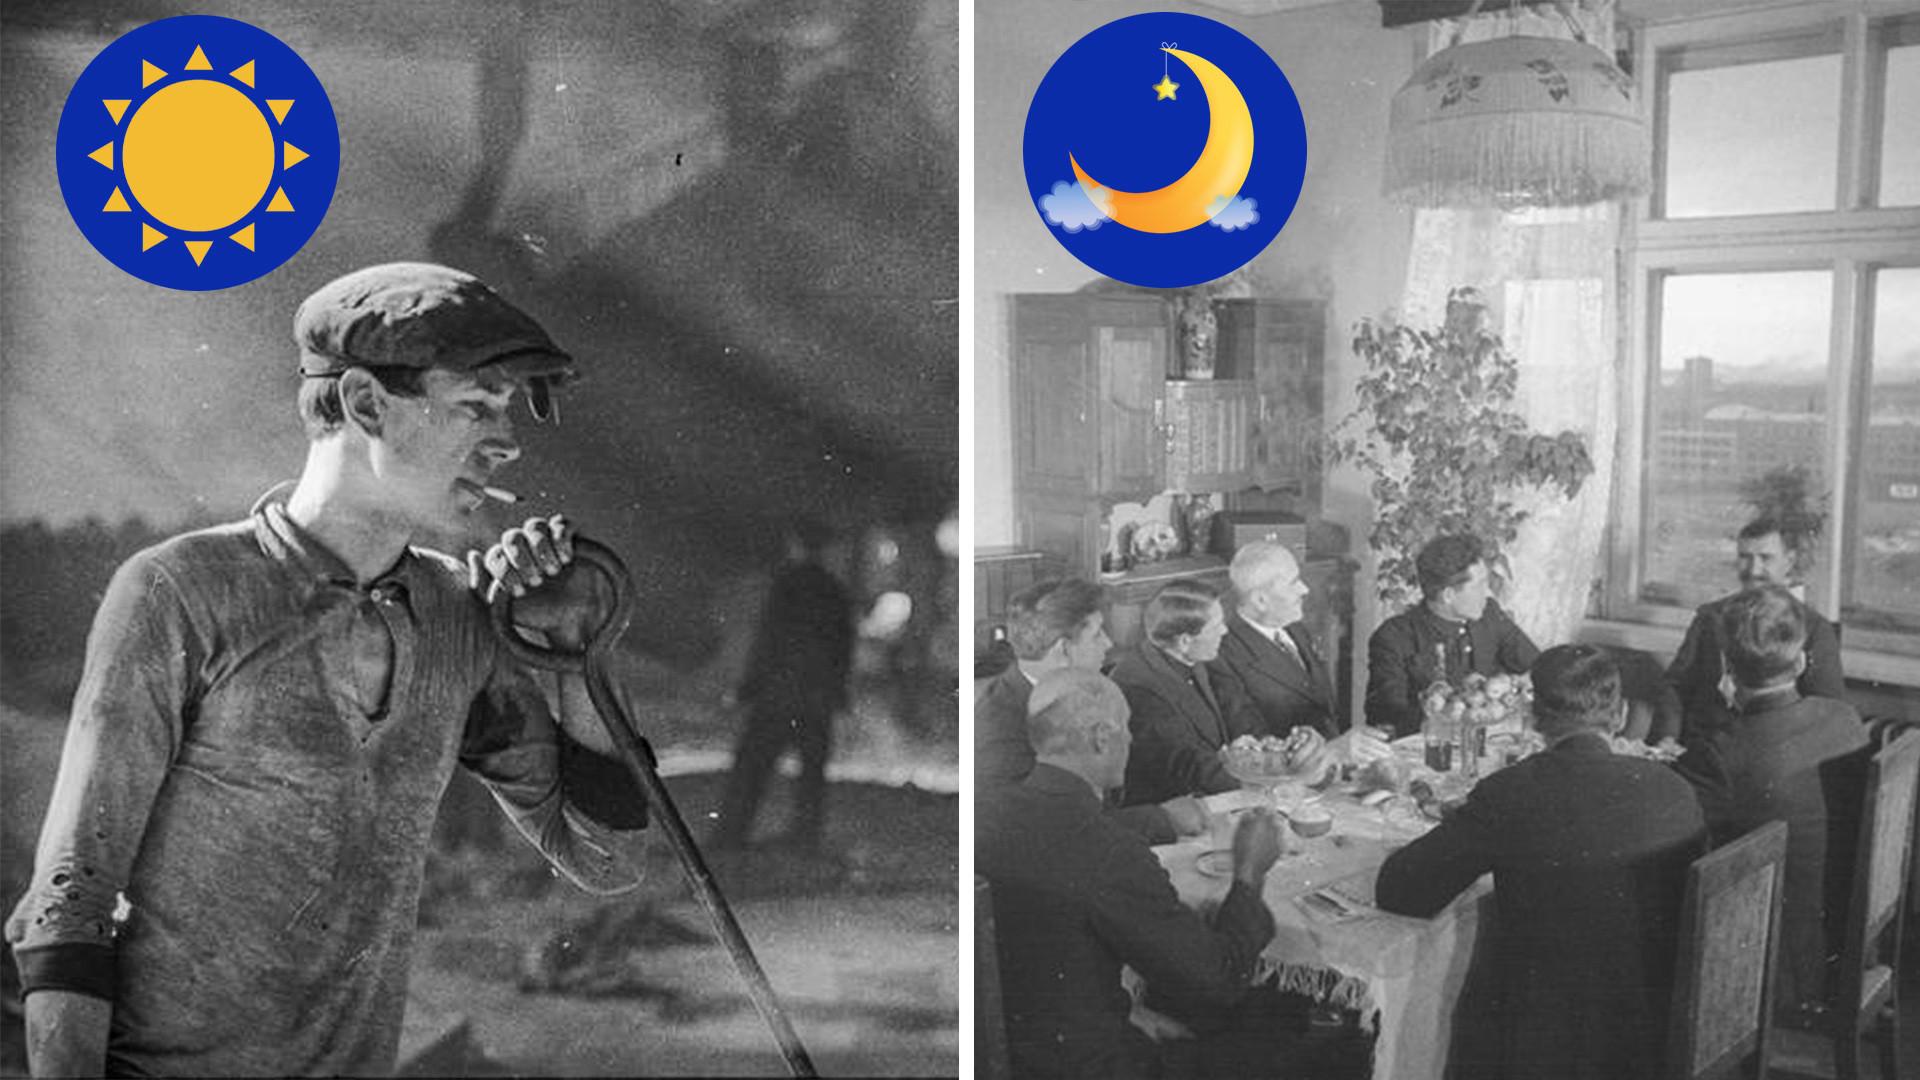 Днем на заводе, вечером в коллективе - так представляли себе архитекторы жизнь нового советского человека.